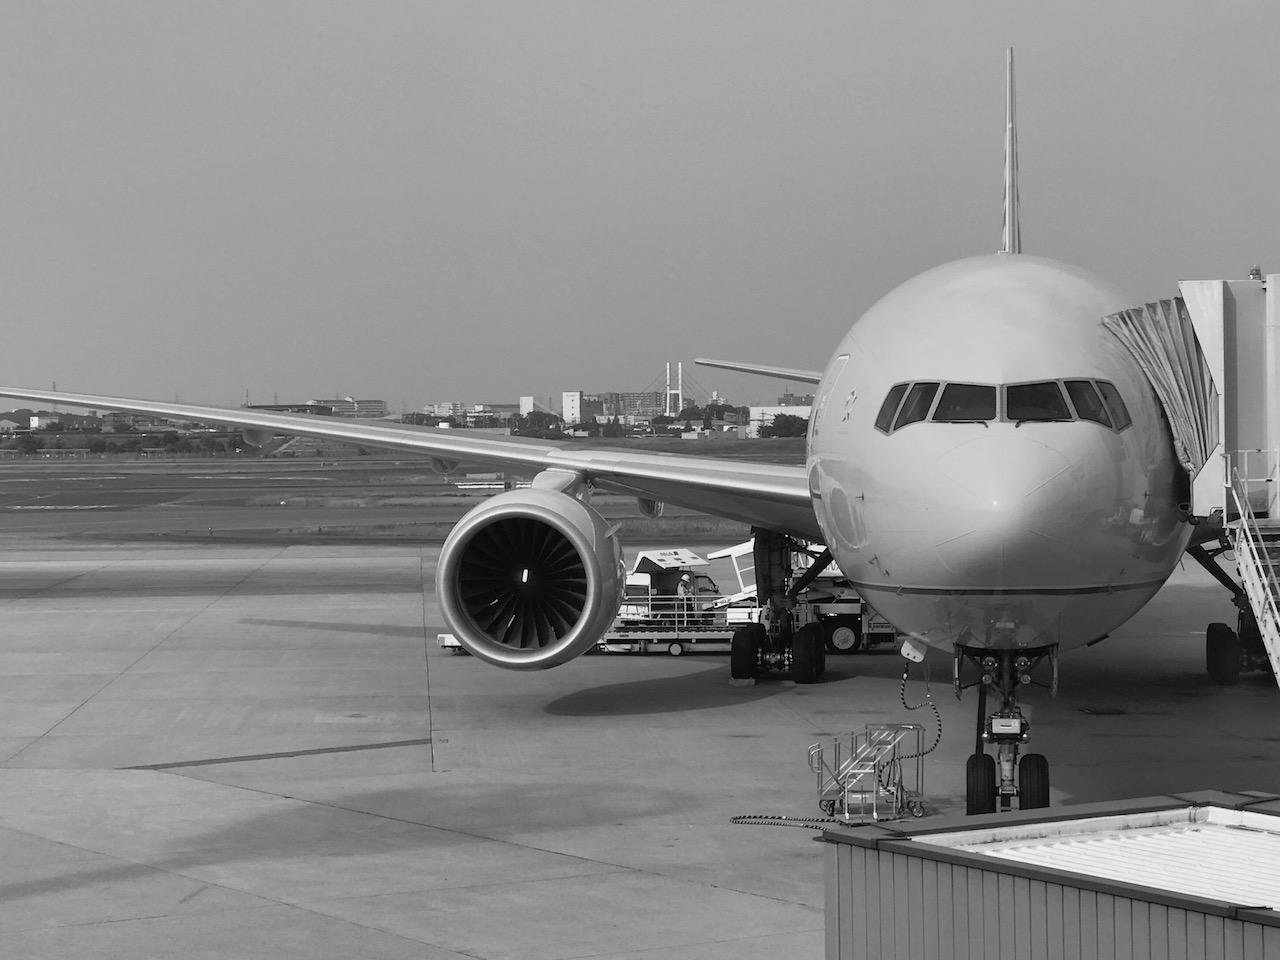 前向きに明るい未来を語れる素晴らしい仲間がいる☆10年経っても変わらぬ飛行機への想いと夢